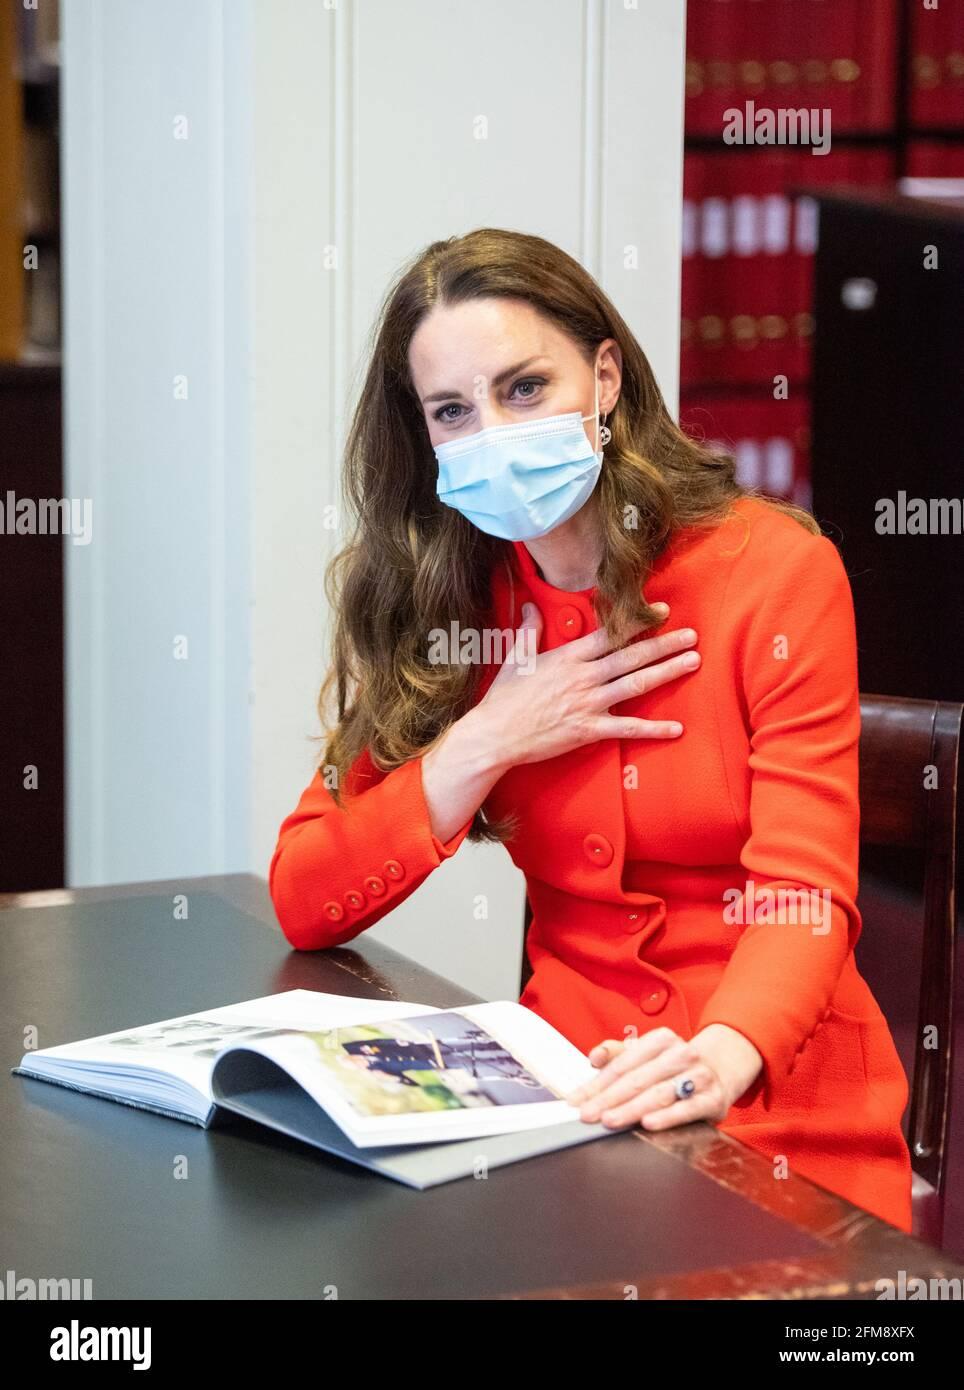 """La Duchessa di Cambridge parla di """"tenere fermi"""" i partecipanti durante una visita all'archivio nella National Portrait Gallery nel centro di Londra per segnare la pubblicazione del libro """"Hold Still"""". Data immagine: Venerdì 7 maggio 2021. Foto Stock"""